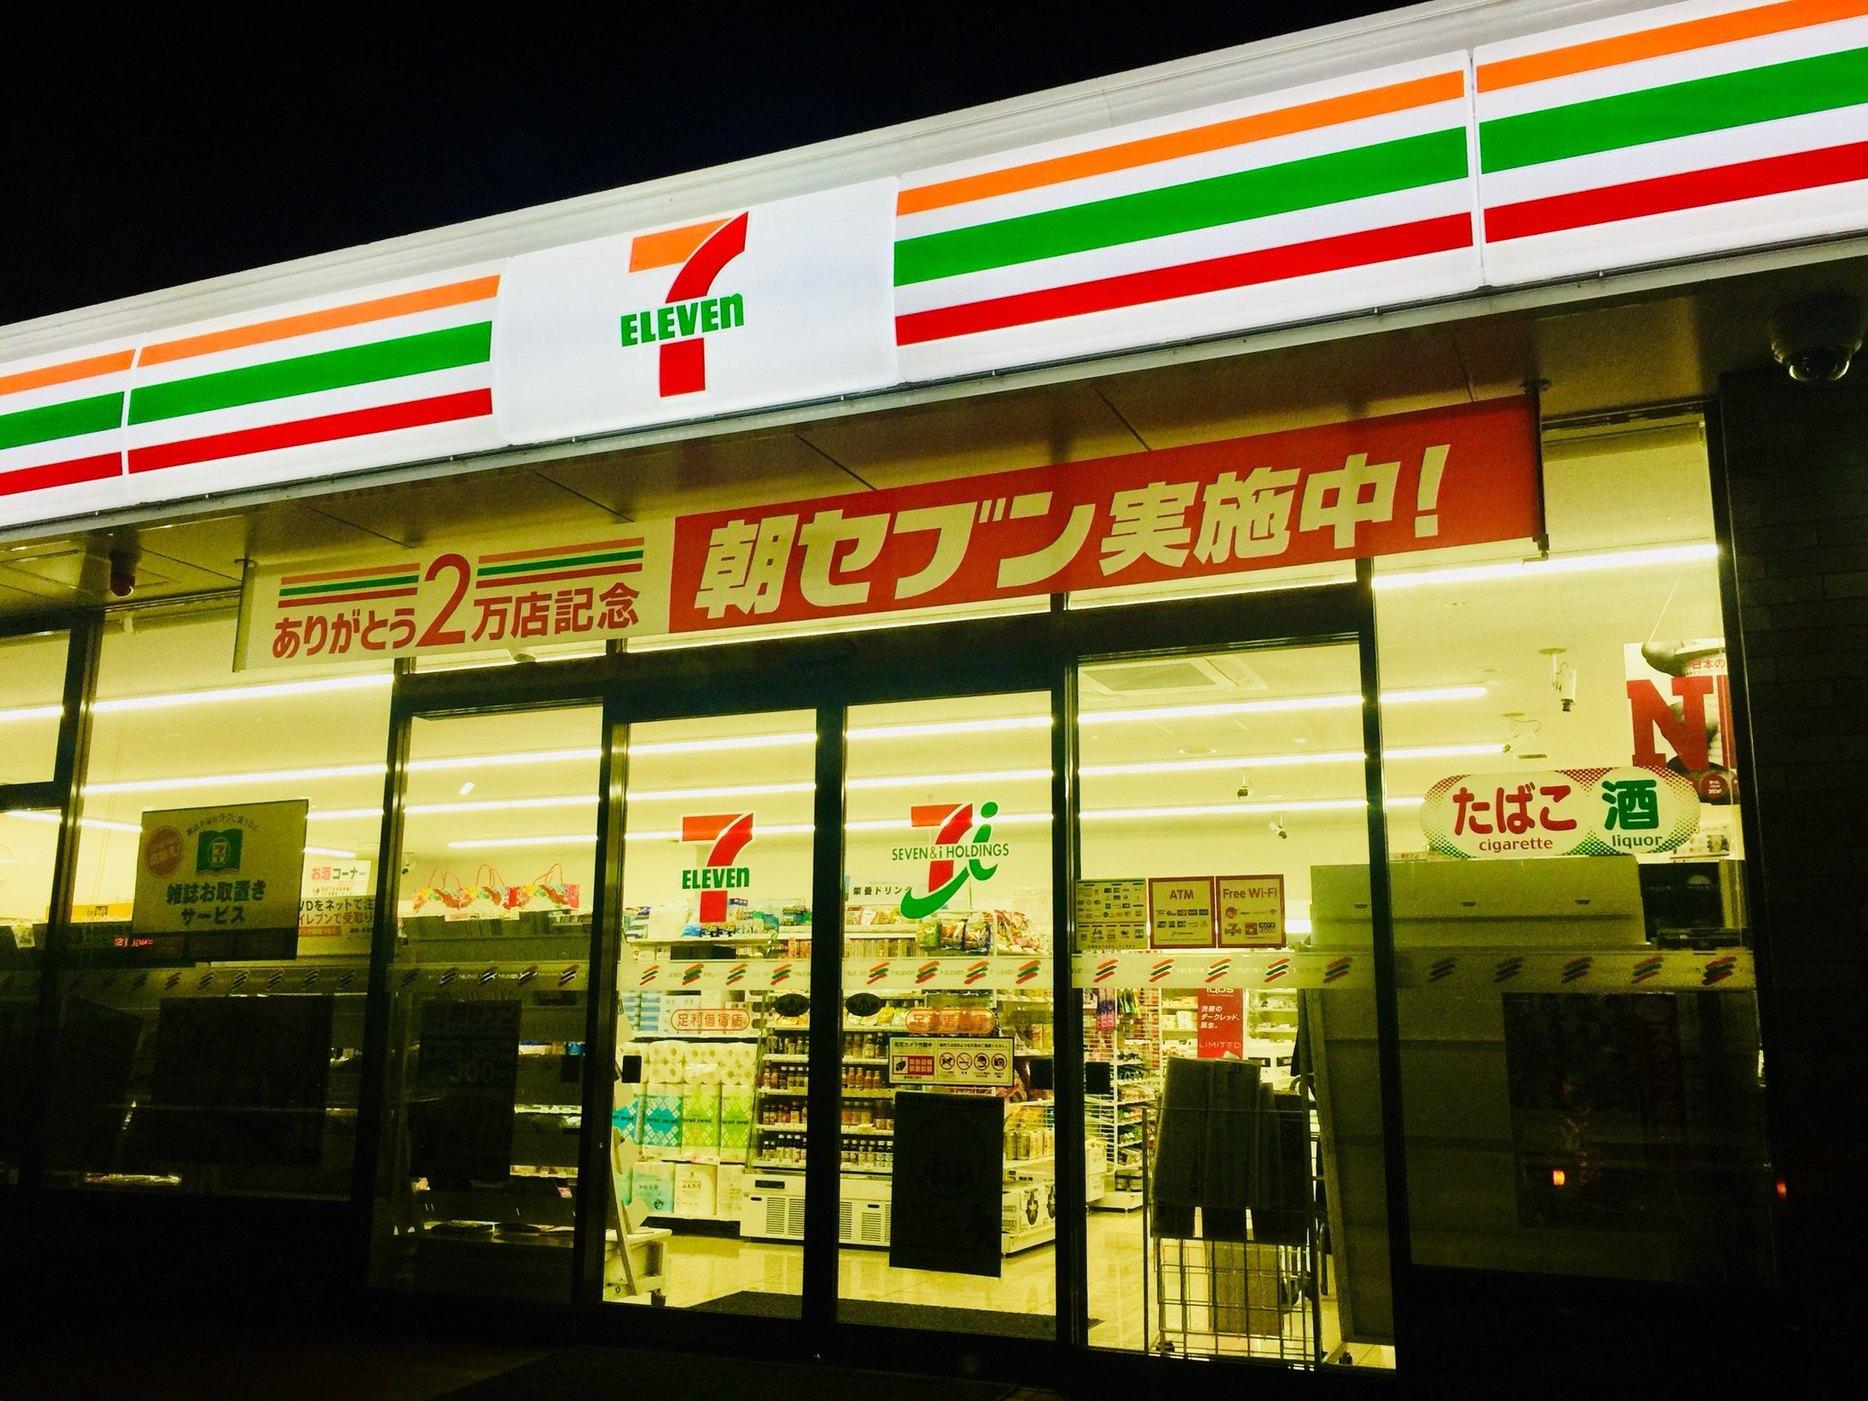 セブンイレブン 足利借宿店 name=